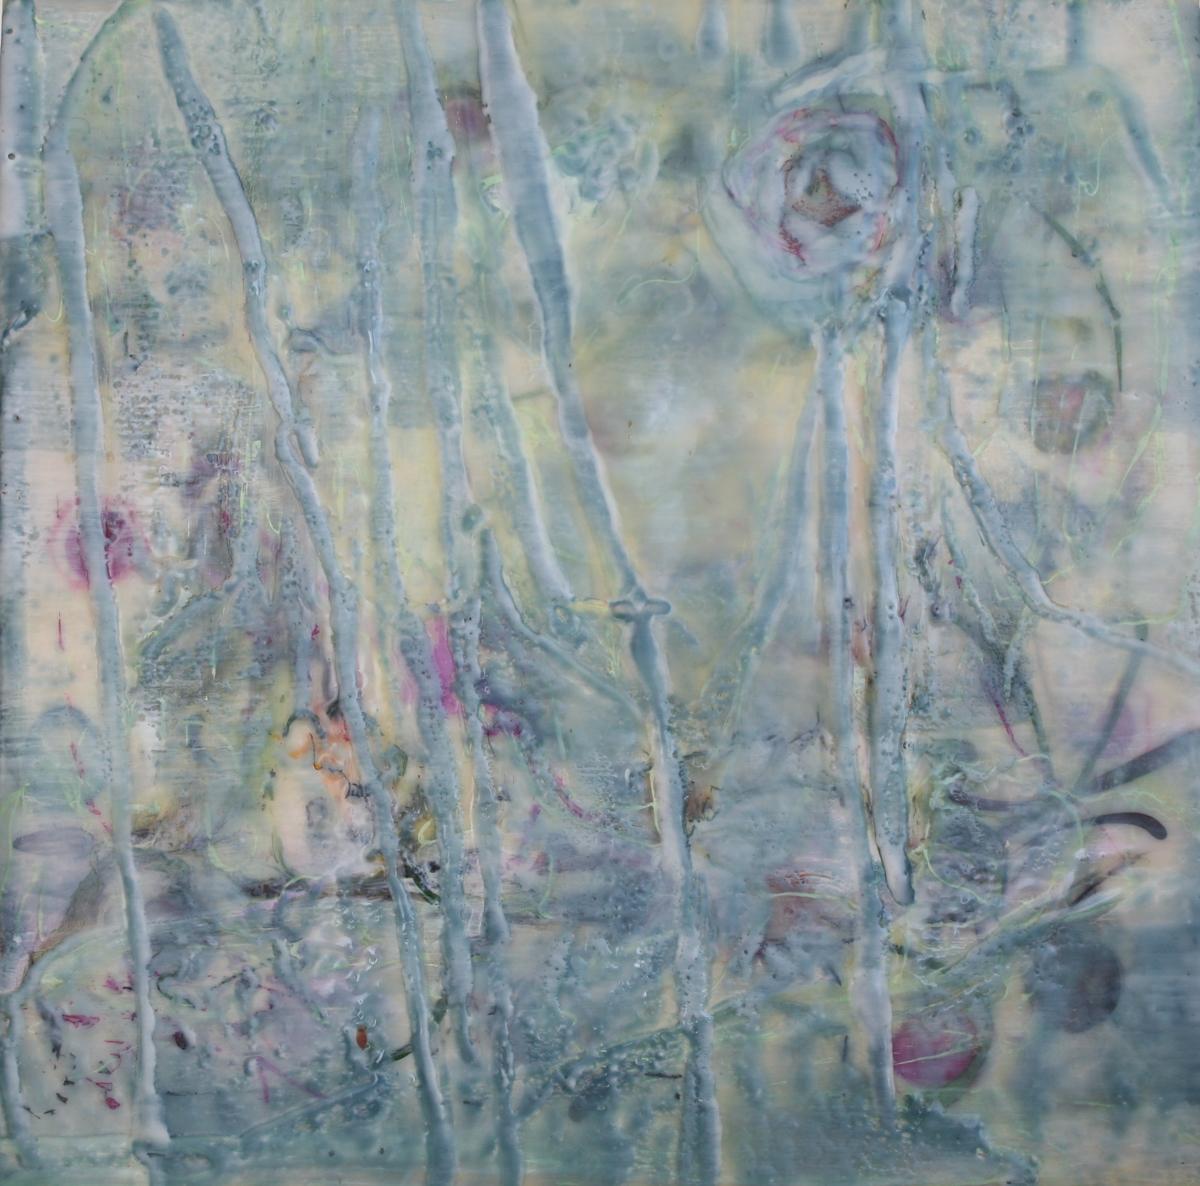 Ephemera #2 (large view)